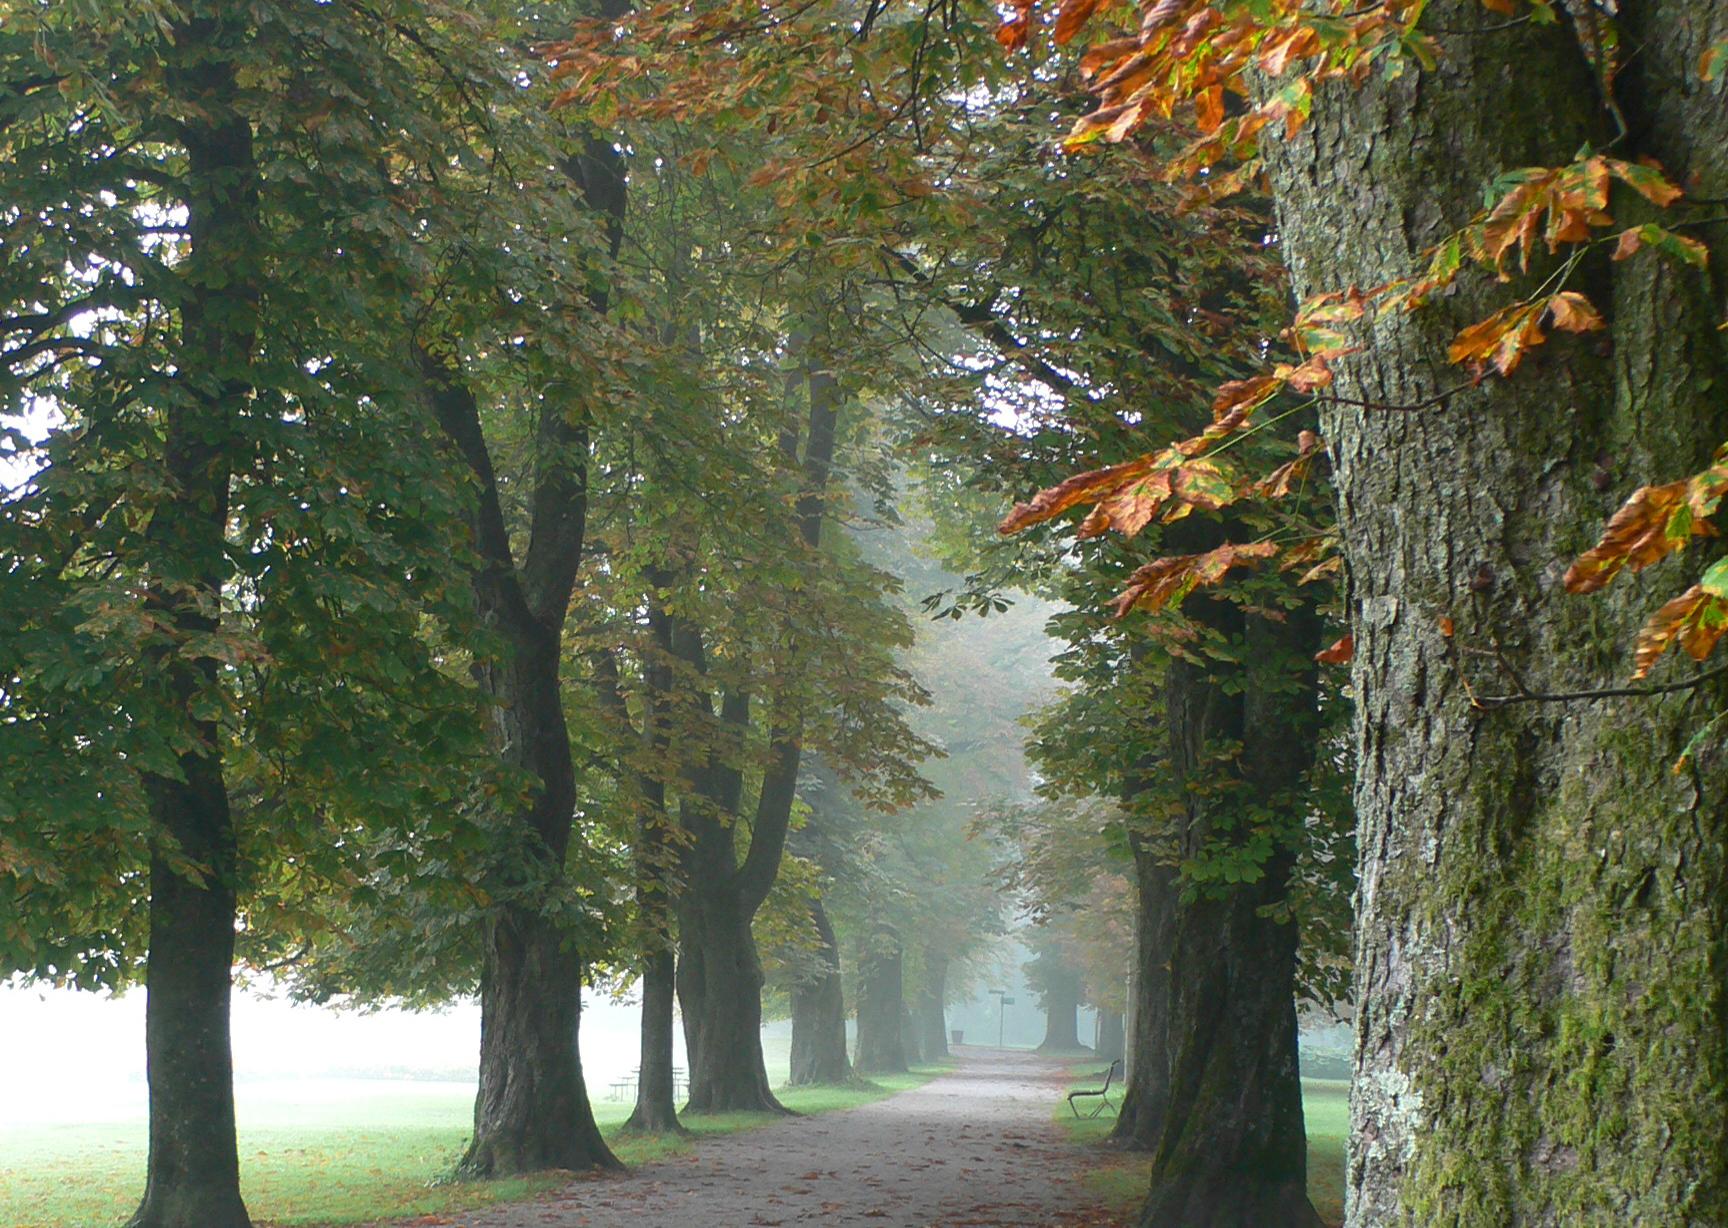 萨尔斯堡郊区的秋天